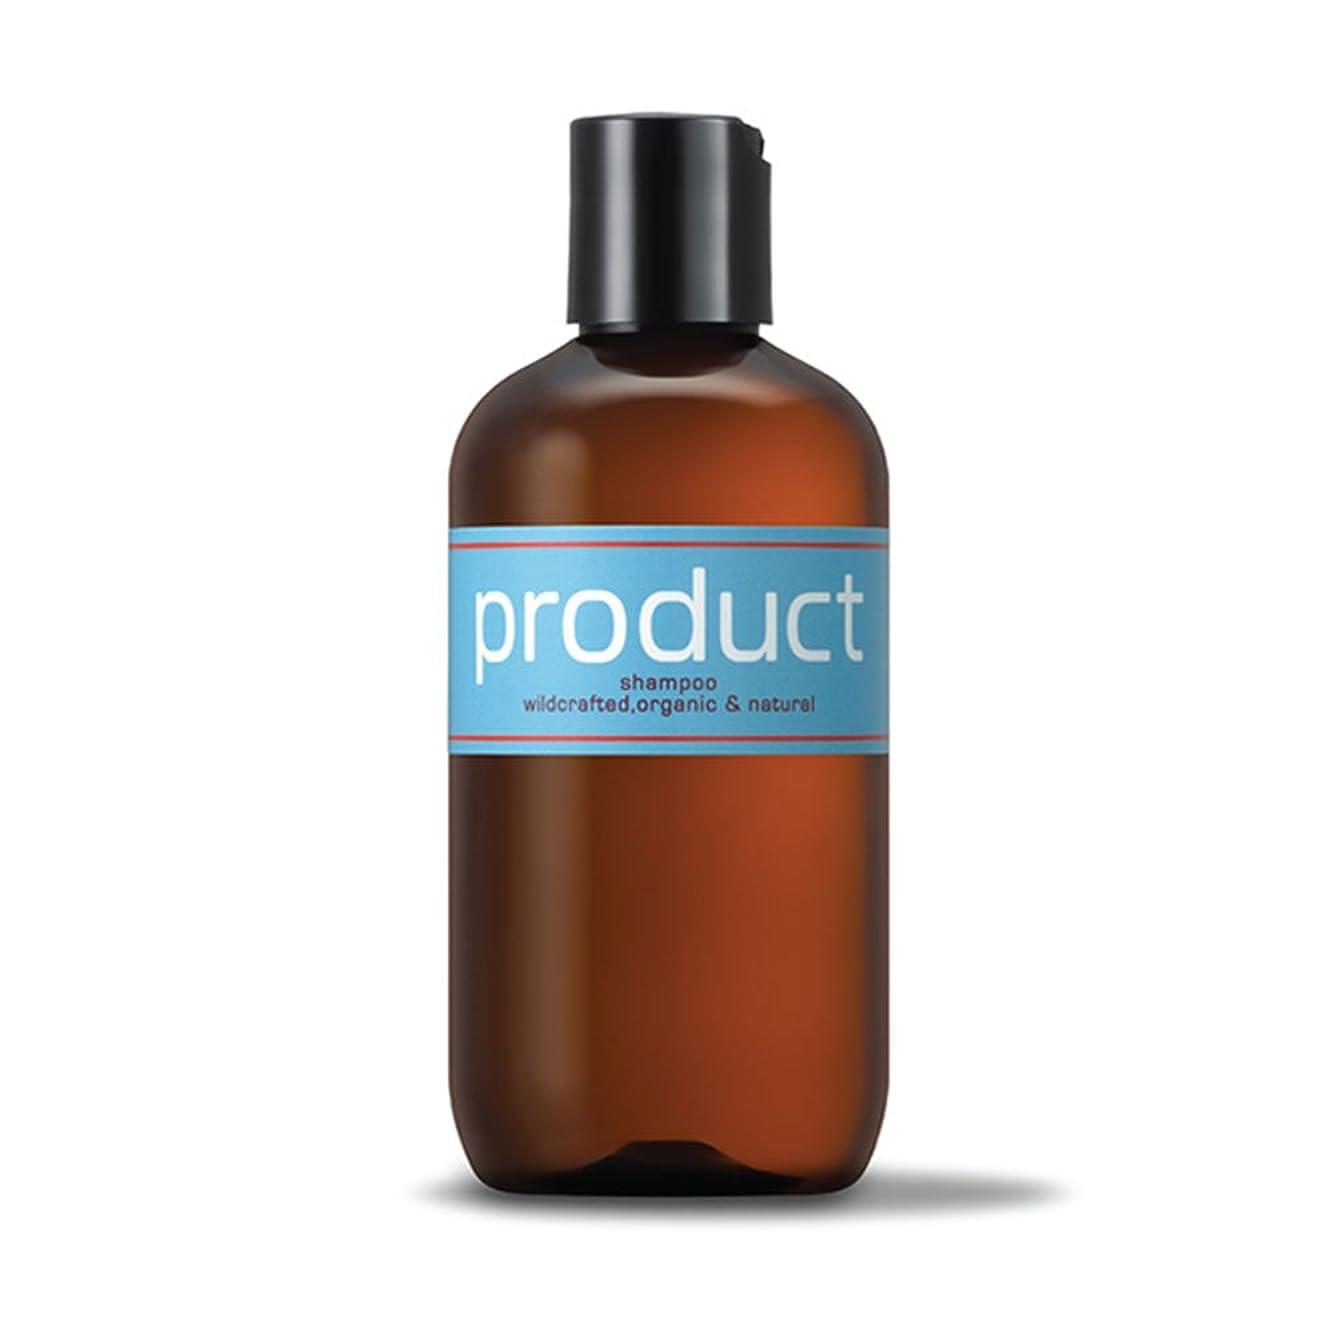 象虫を数える地域Shop-Always ザ プロダクト オーガニック シャンプー product Shampoo 250mL 1個 国内正規品